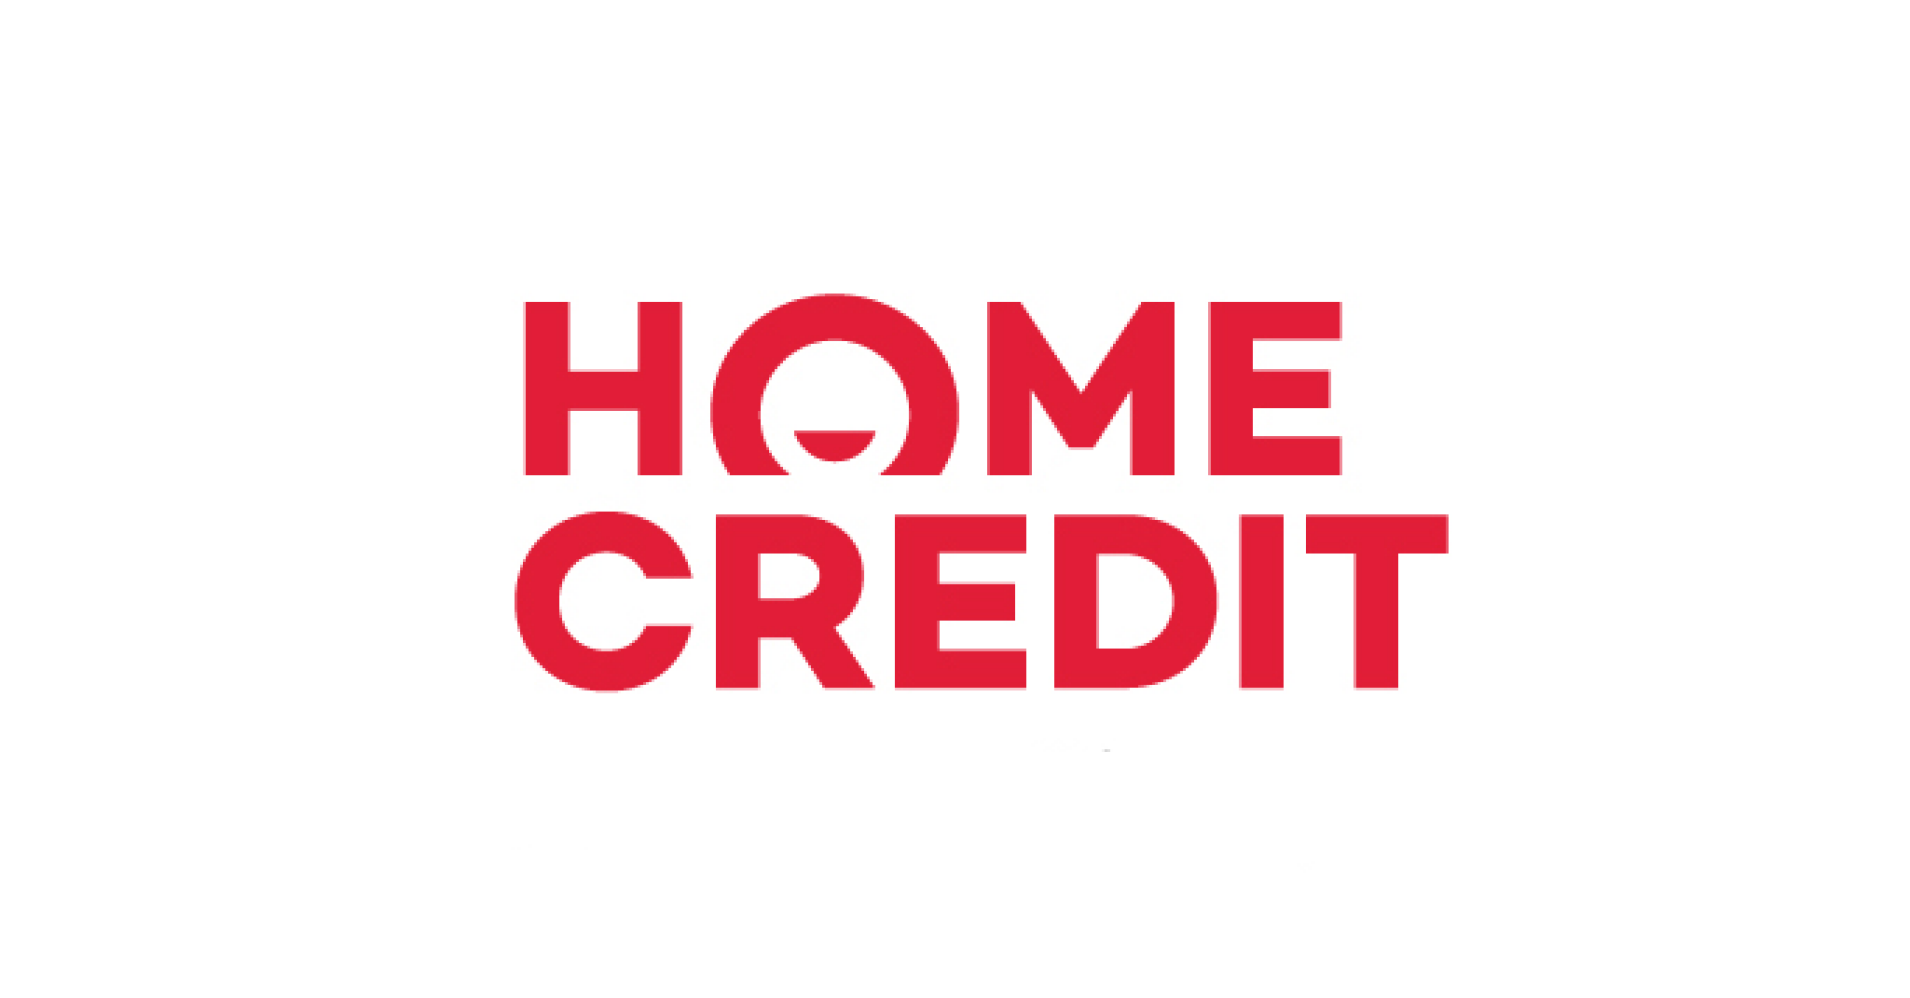 Logo firmy Home Credit, která na českém trhu poskytuje nebankovní úvěry. Její úroková sazba začíná na 9,88 % ročně.